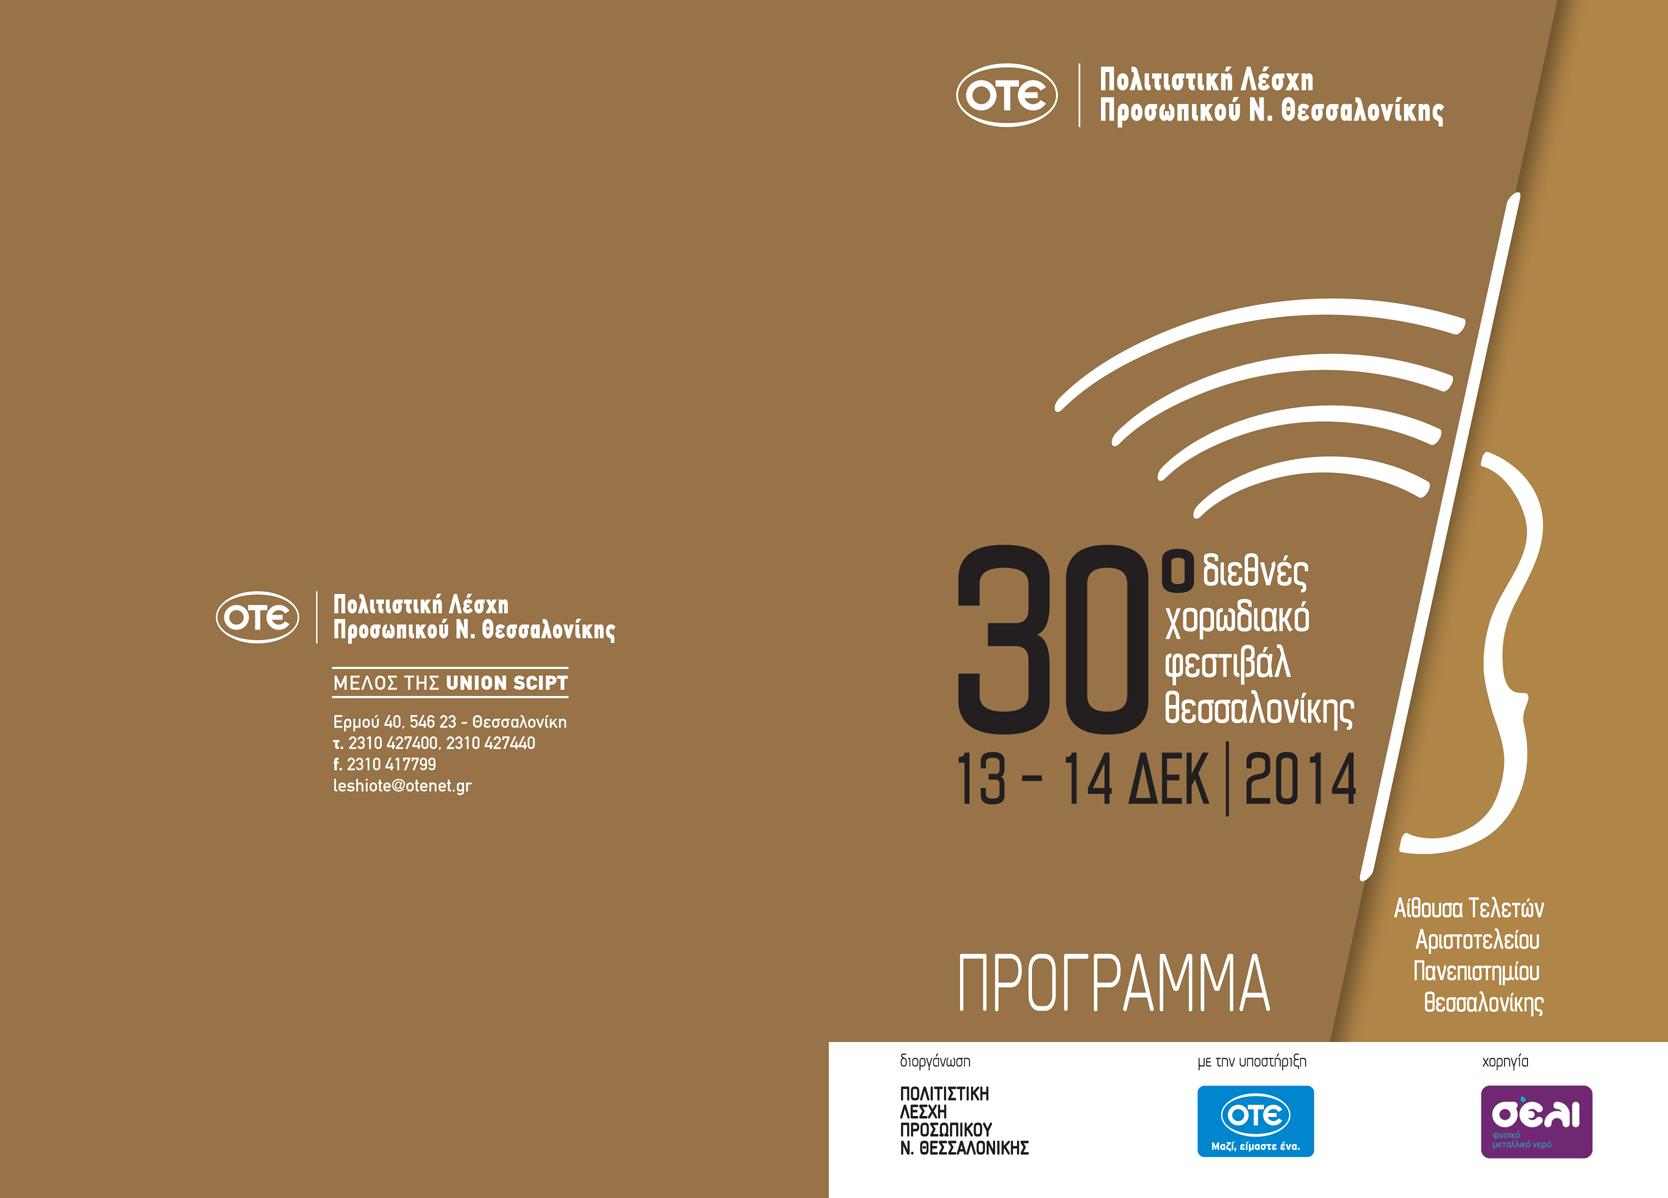 Προγραμμα 30ου Διεθνους Χορωδιακου Φεστιβαλ-1